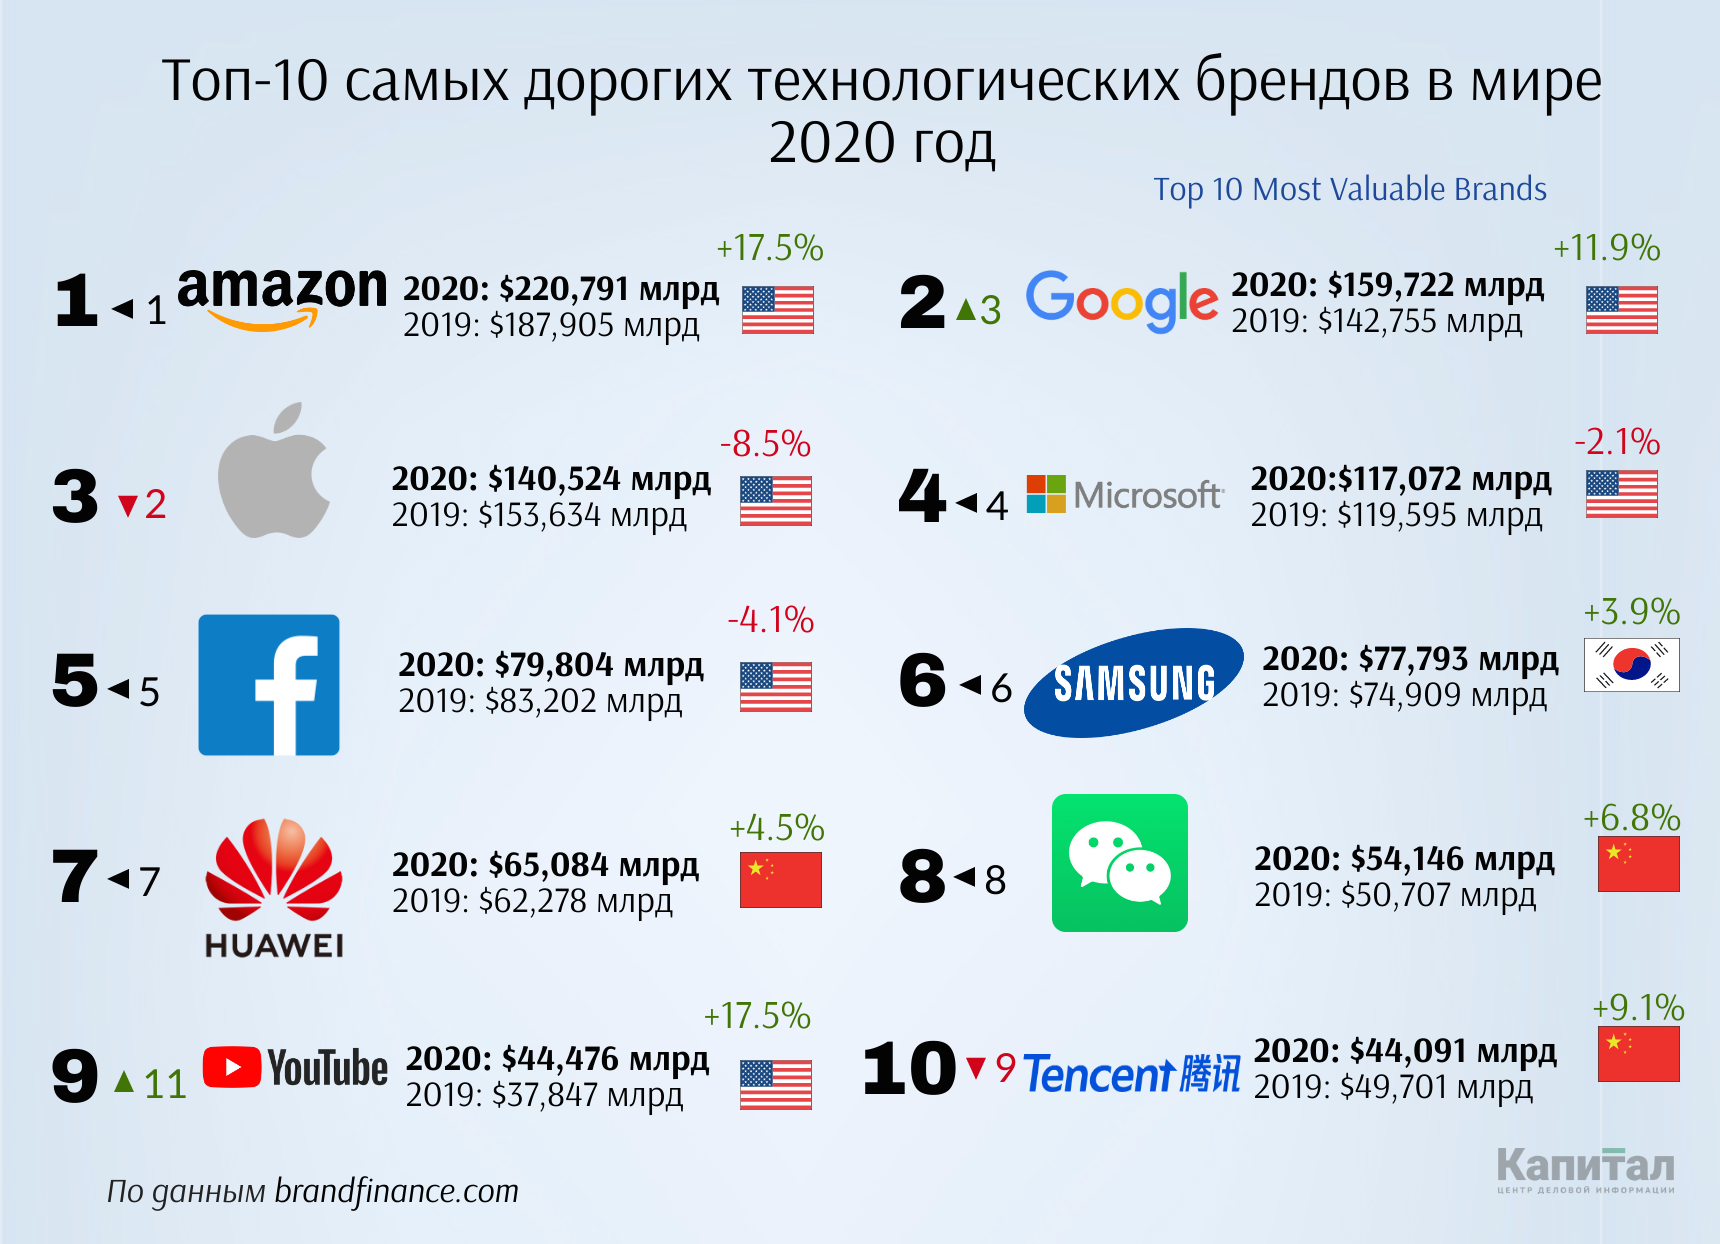 Названы самые дорогие технологические бренды в мире 316662 - Kapital.kz